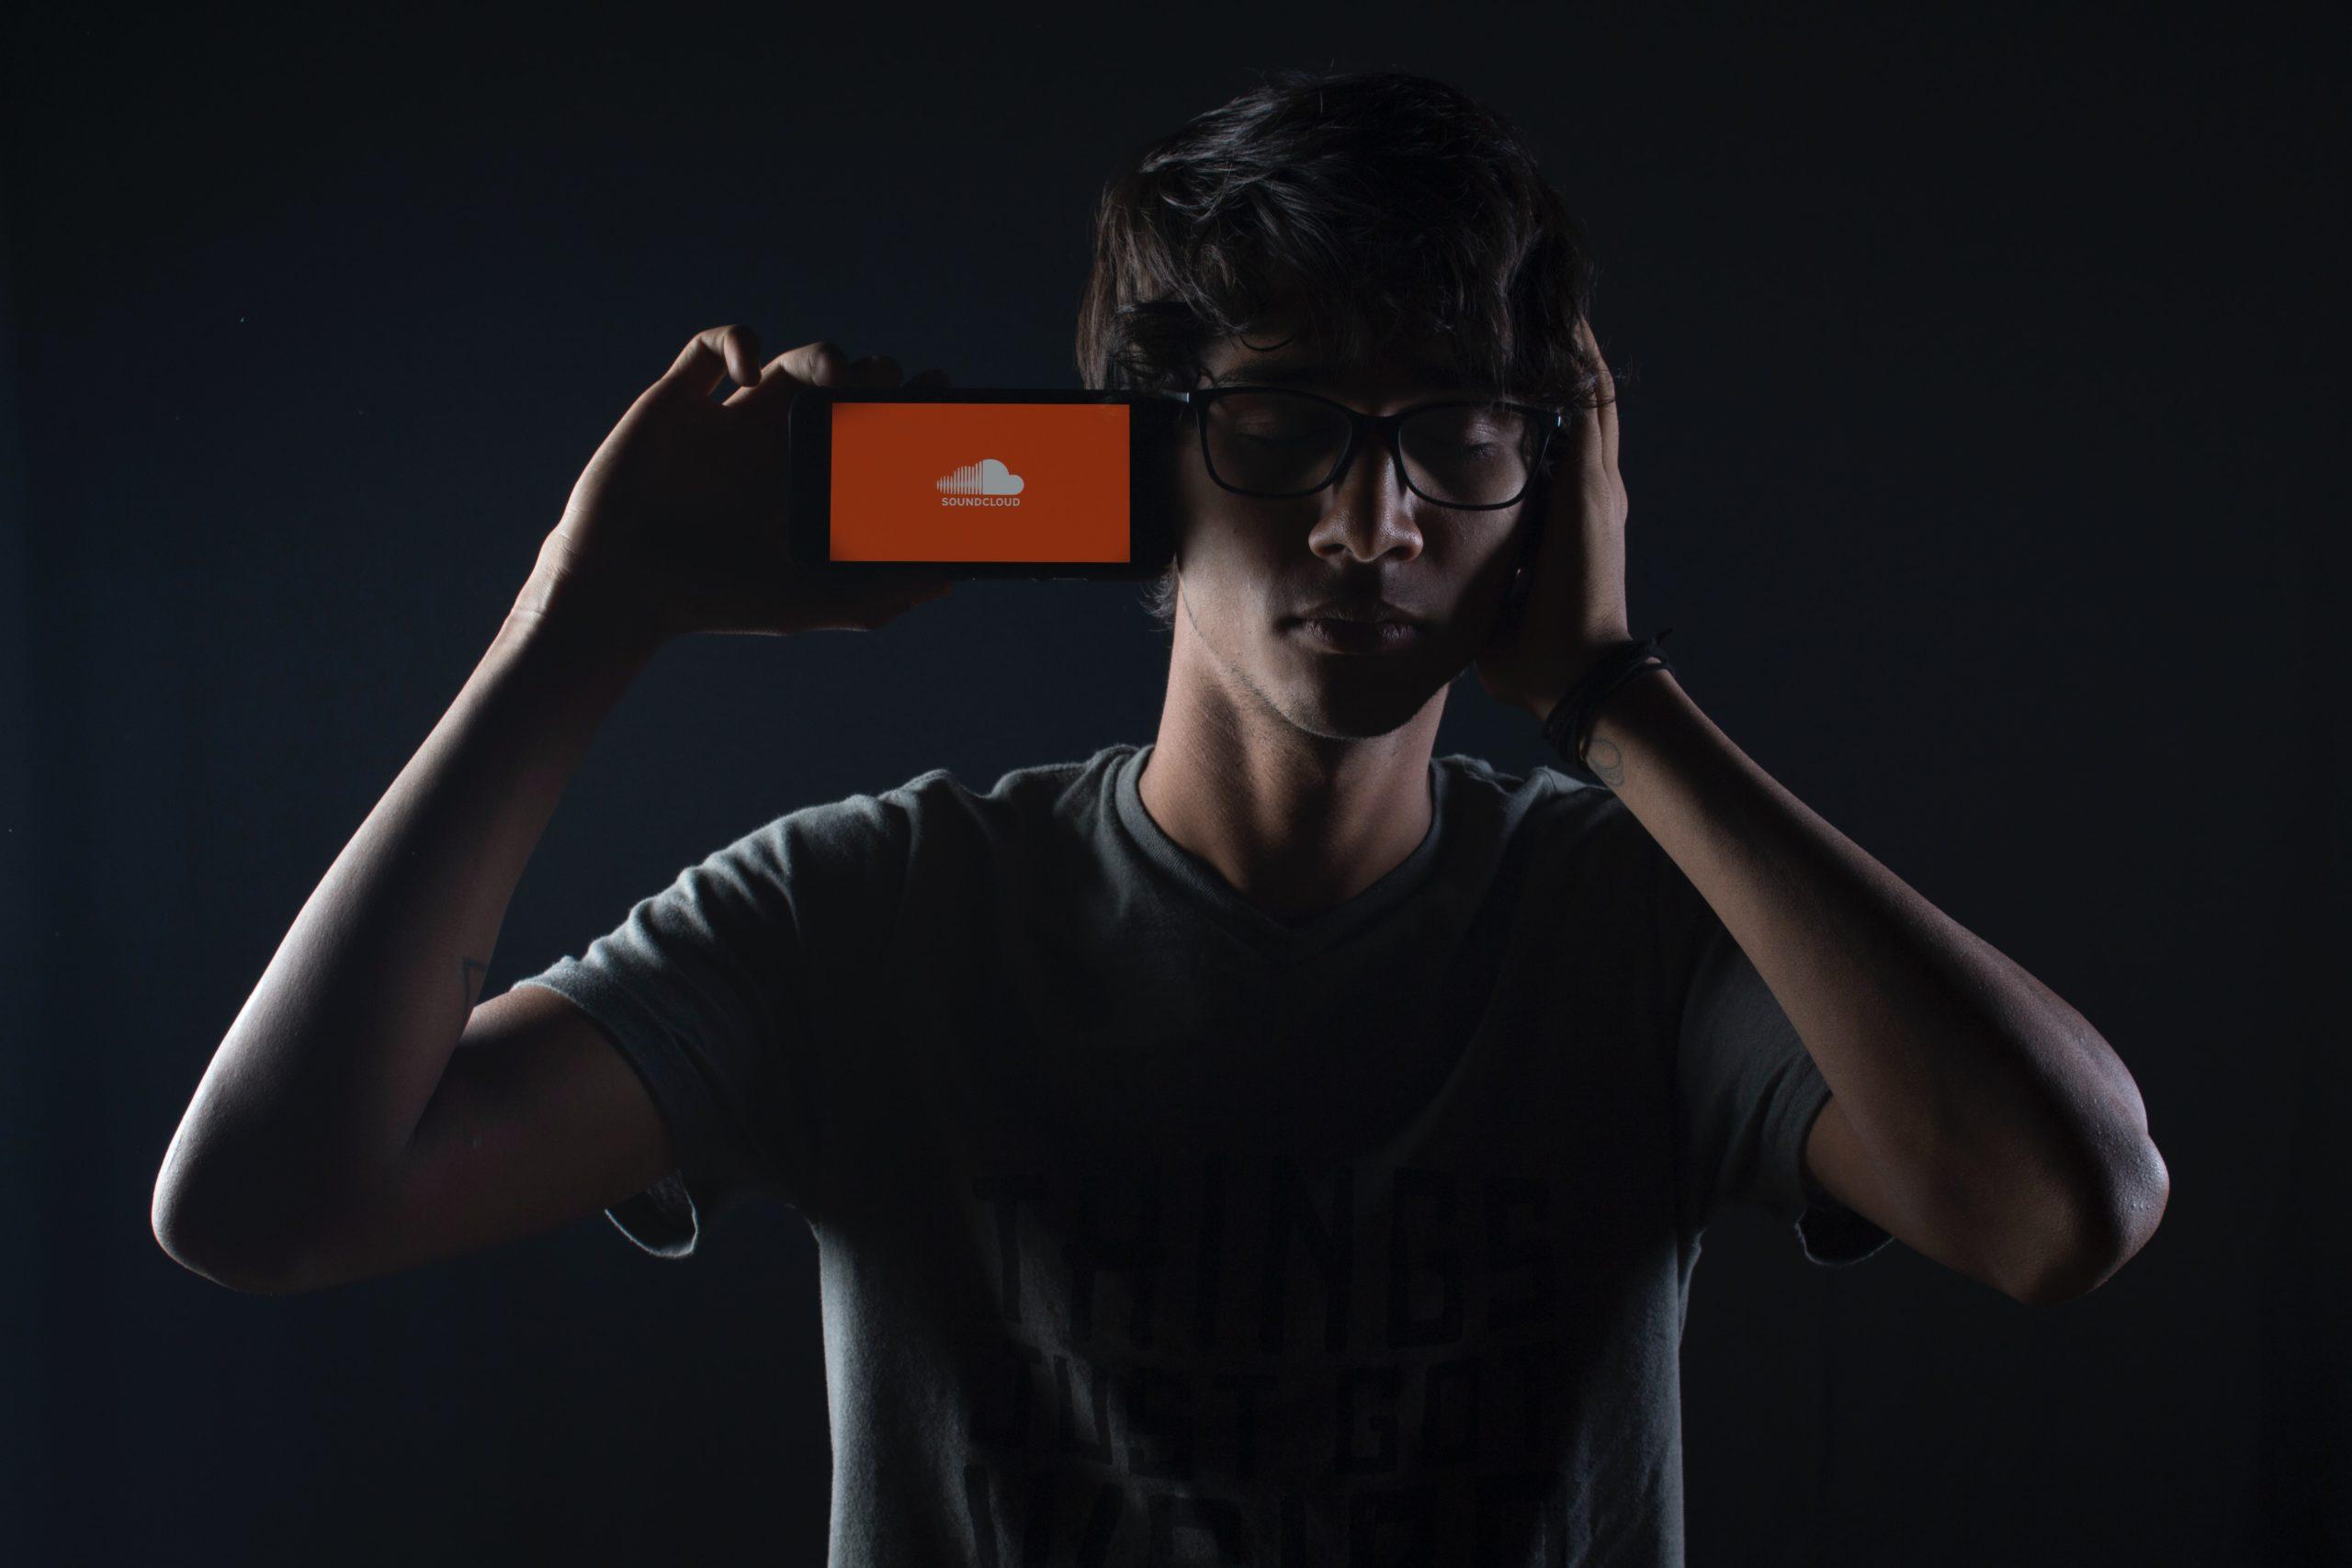 ShakeMe, Second Screen Device Retargeting, Dynamic Creative Optimization und Voice Ads - AdsWizz bringt neue Audio-Werbeformate für Soundcloud nach Europa